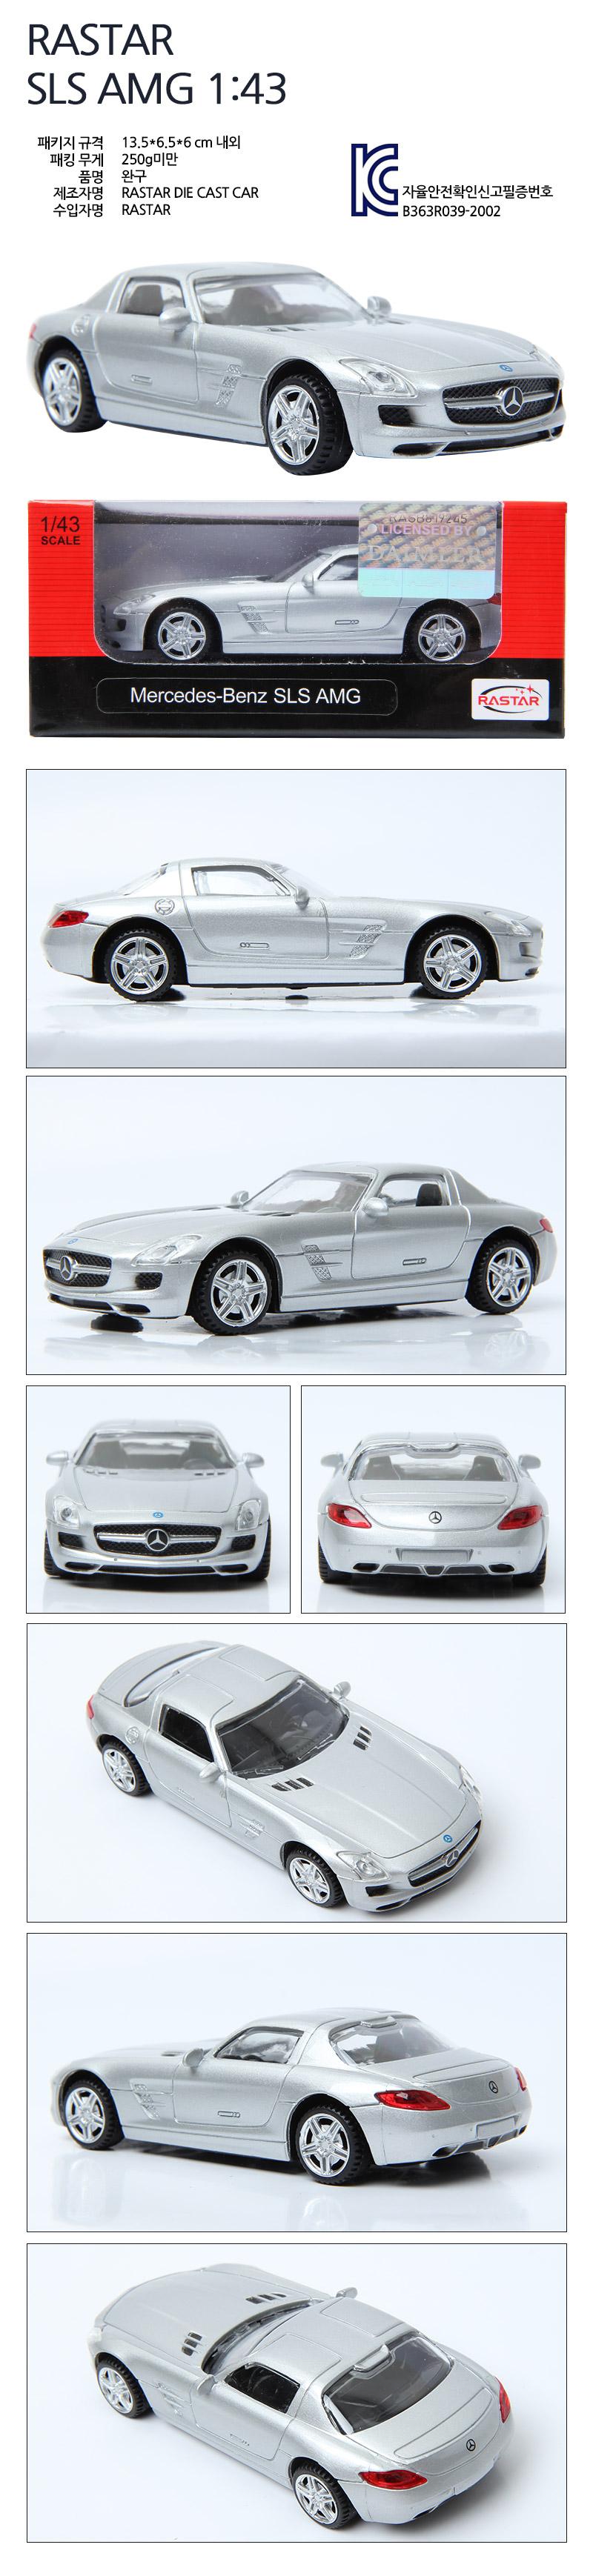 Rastar 1 43 Mercedes Benz SLS AMG SILVER Diecast Toy Car New